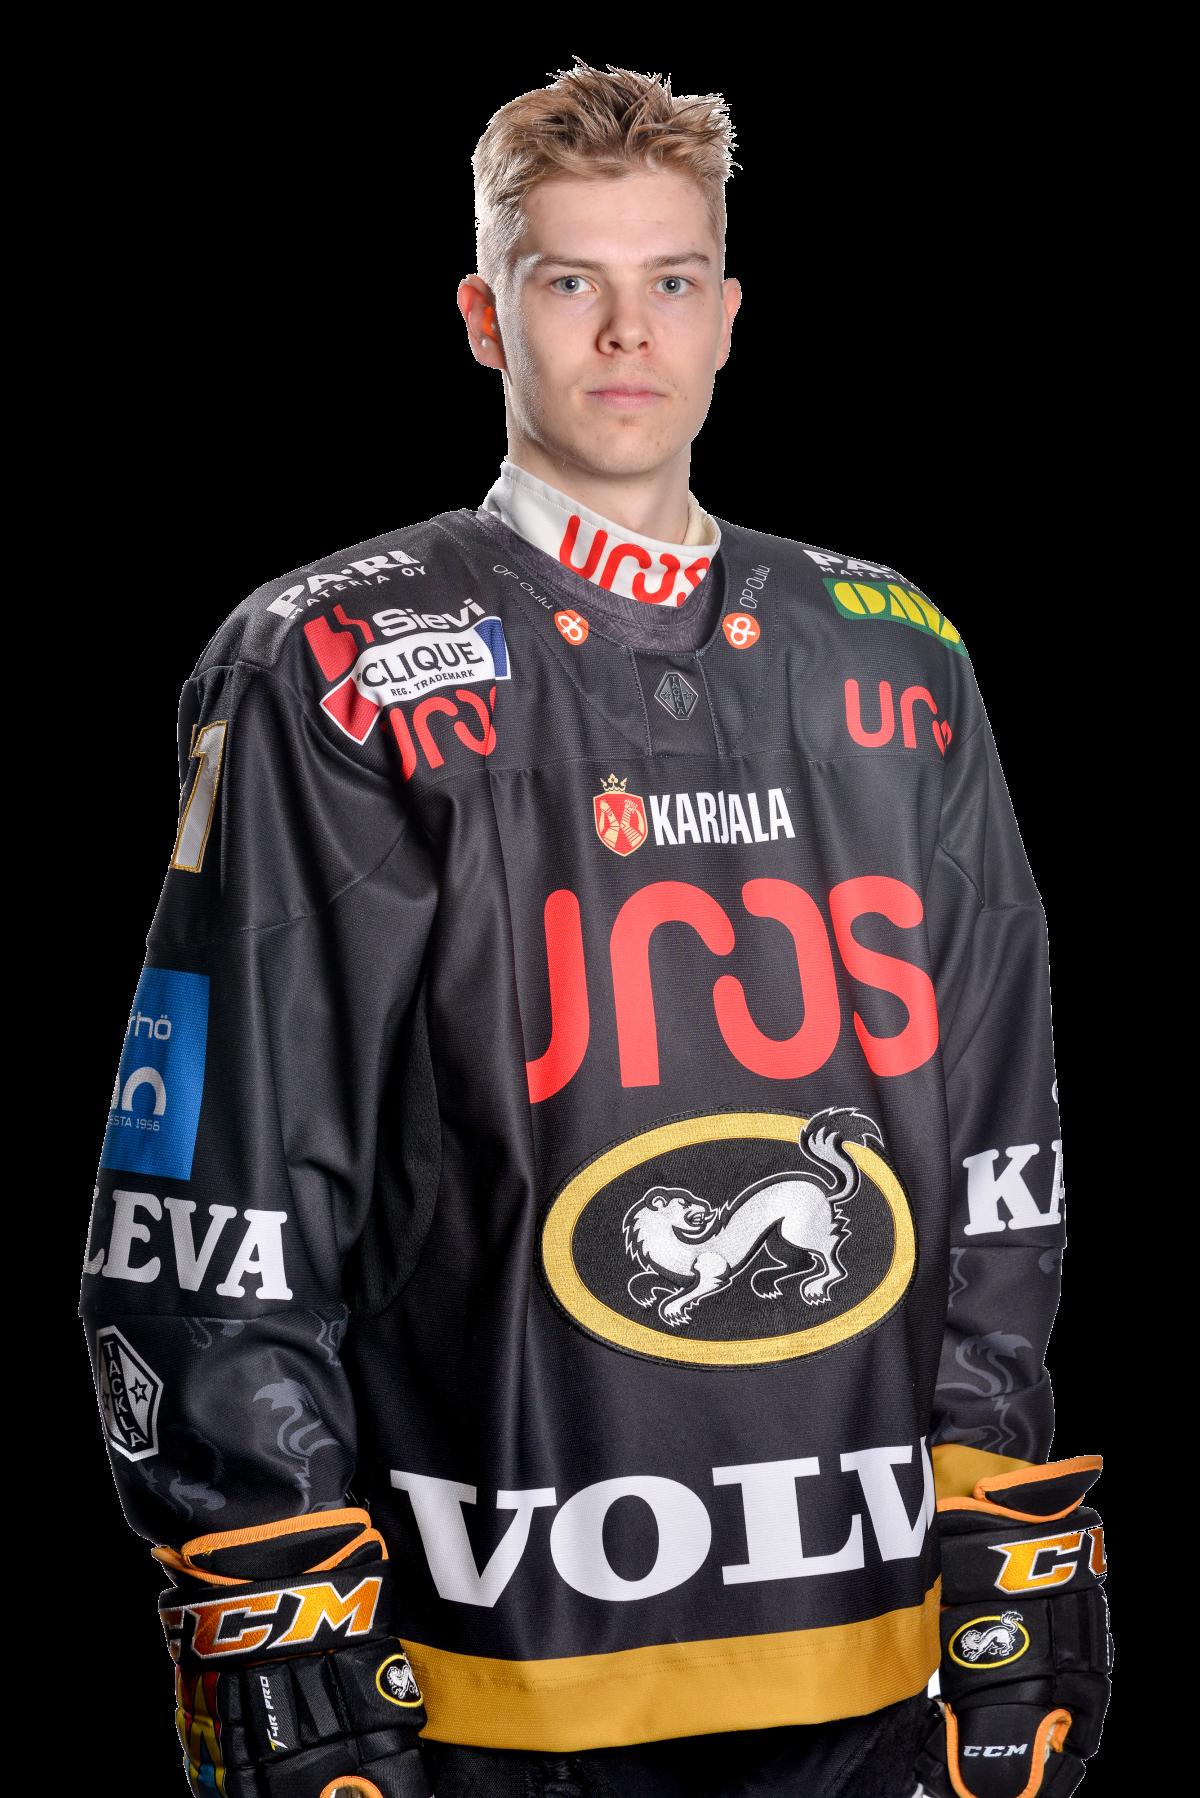 Jesse Koskenkorva